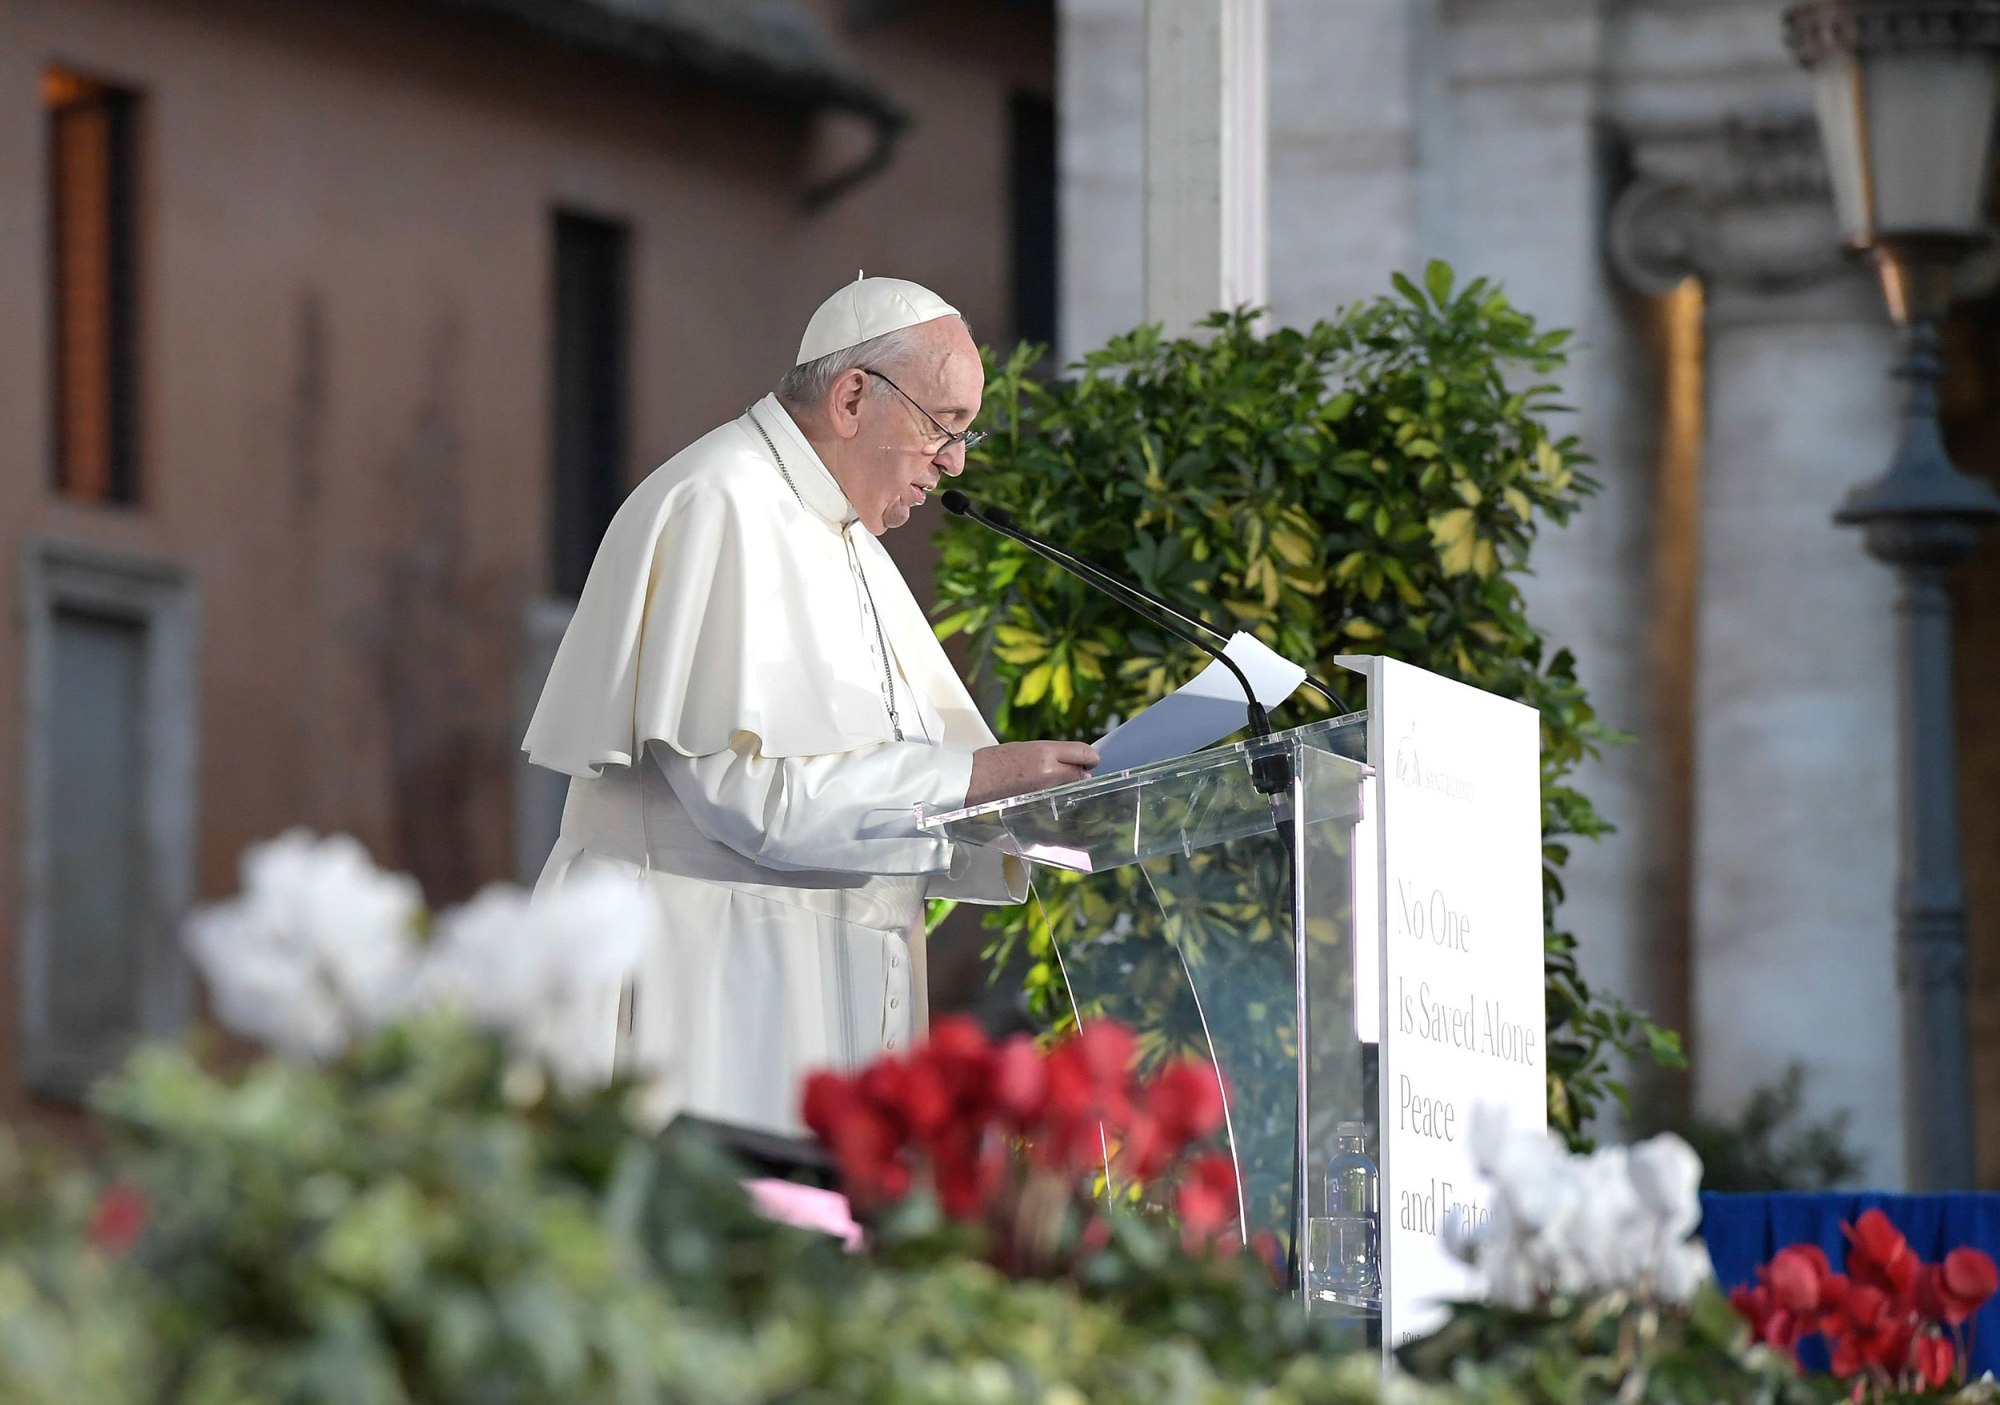 https://media2.s-nbcnews.com/j/newscms/2020_43/3421795/201021-pope-rancis-mc-1458_5ce7a1672a2d3d5f58a570ddf70d0985.fit-2000w.JPG